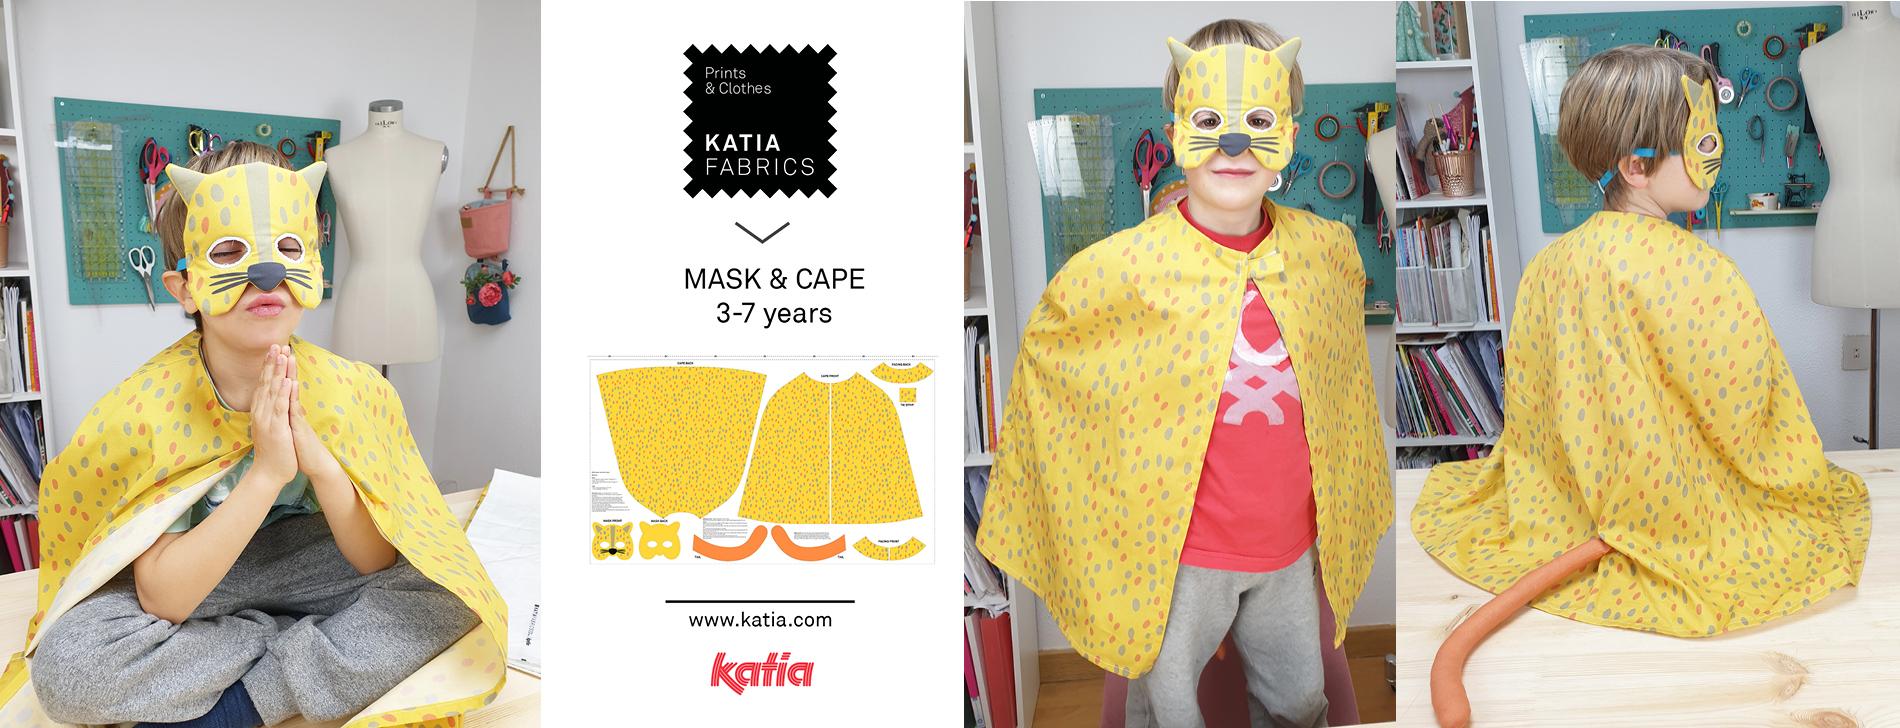 Leoparden-Kostüm-für-Kinder-nähen-Fasching